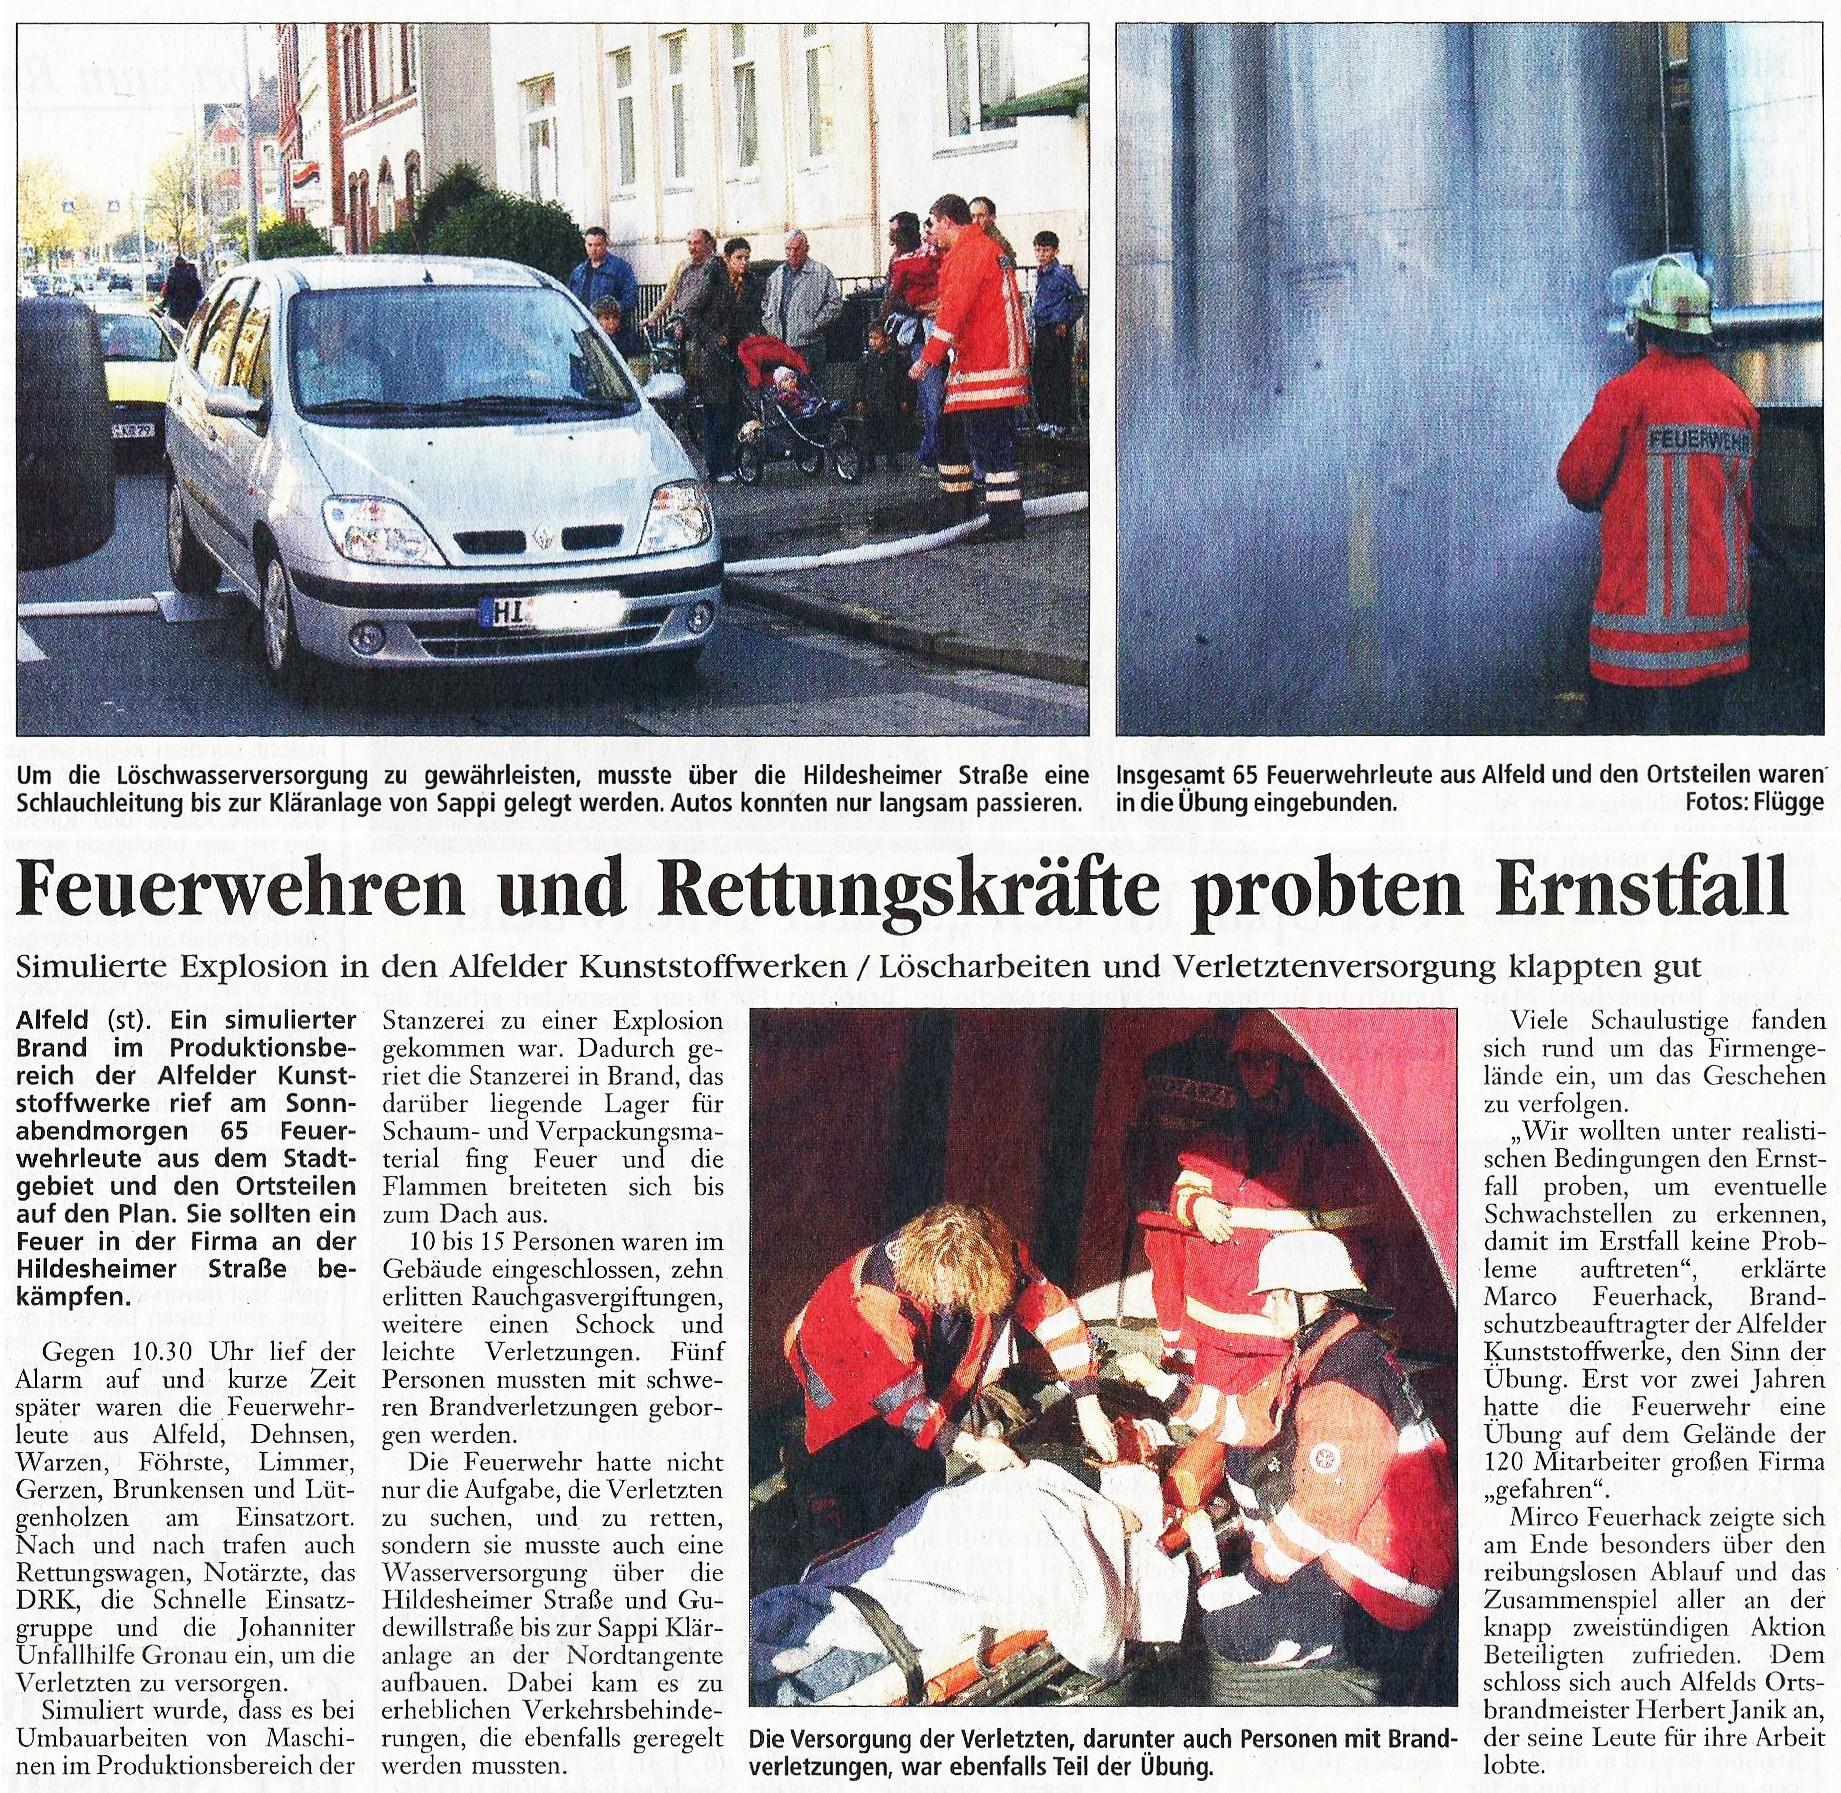 2005-10-31 Feuerwehren und Rettungskräfte probten Ernstfall